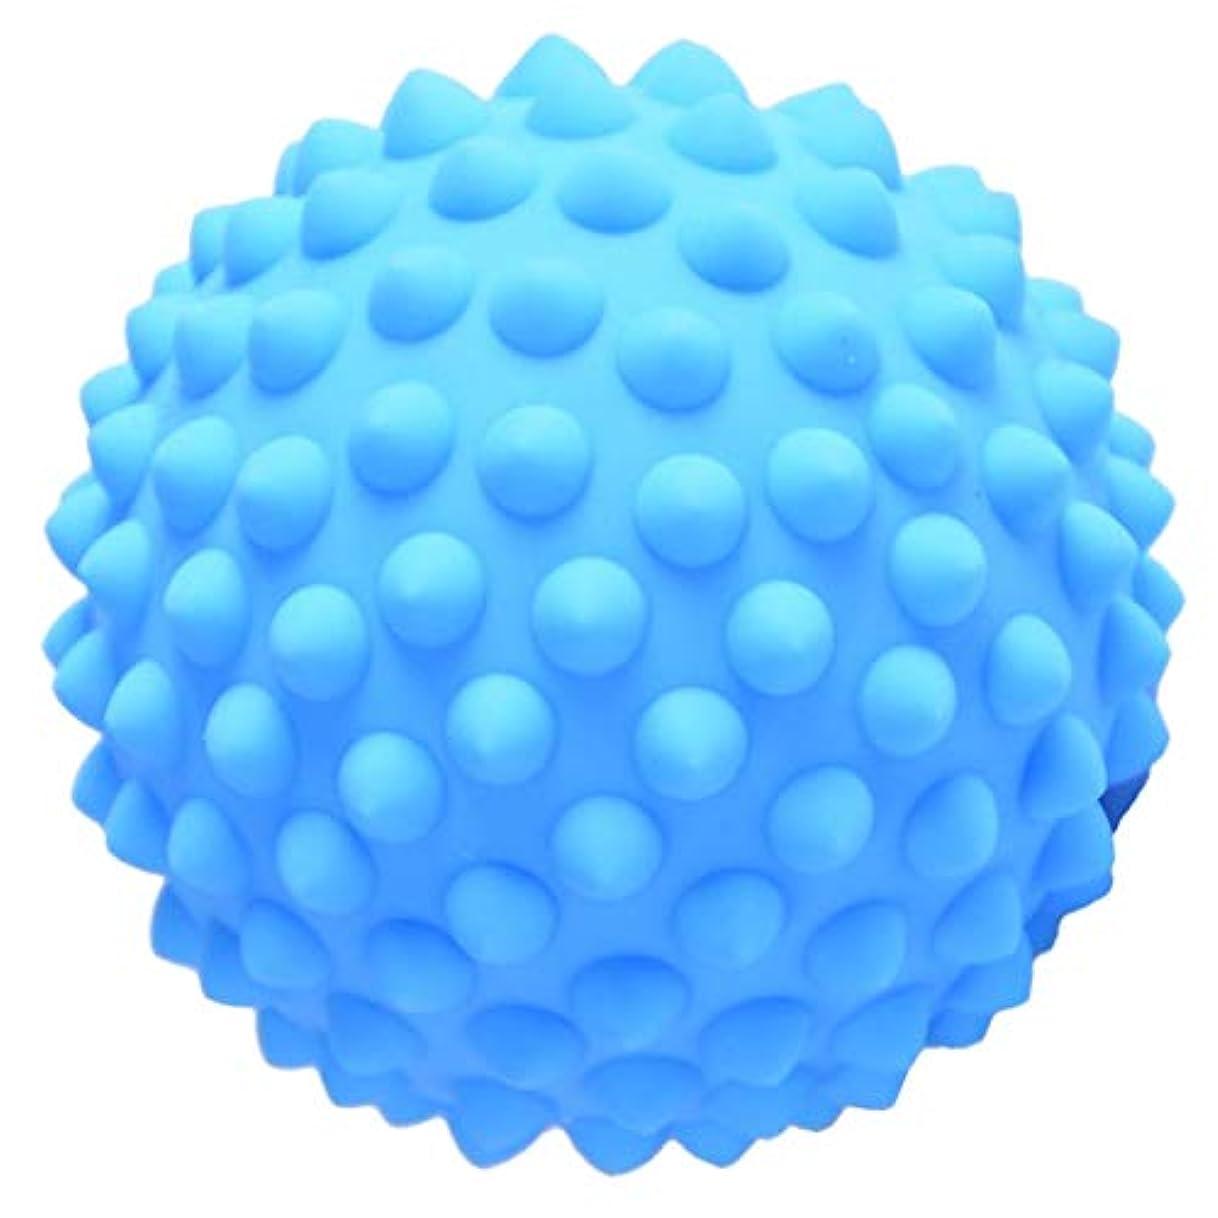 アカウント真向こう国際ハードPVC 9センチのとがったマッサージローラーボール指圧ボディリラクゼーションマッサージ - 青, 説明のとおり